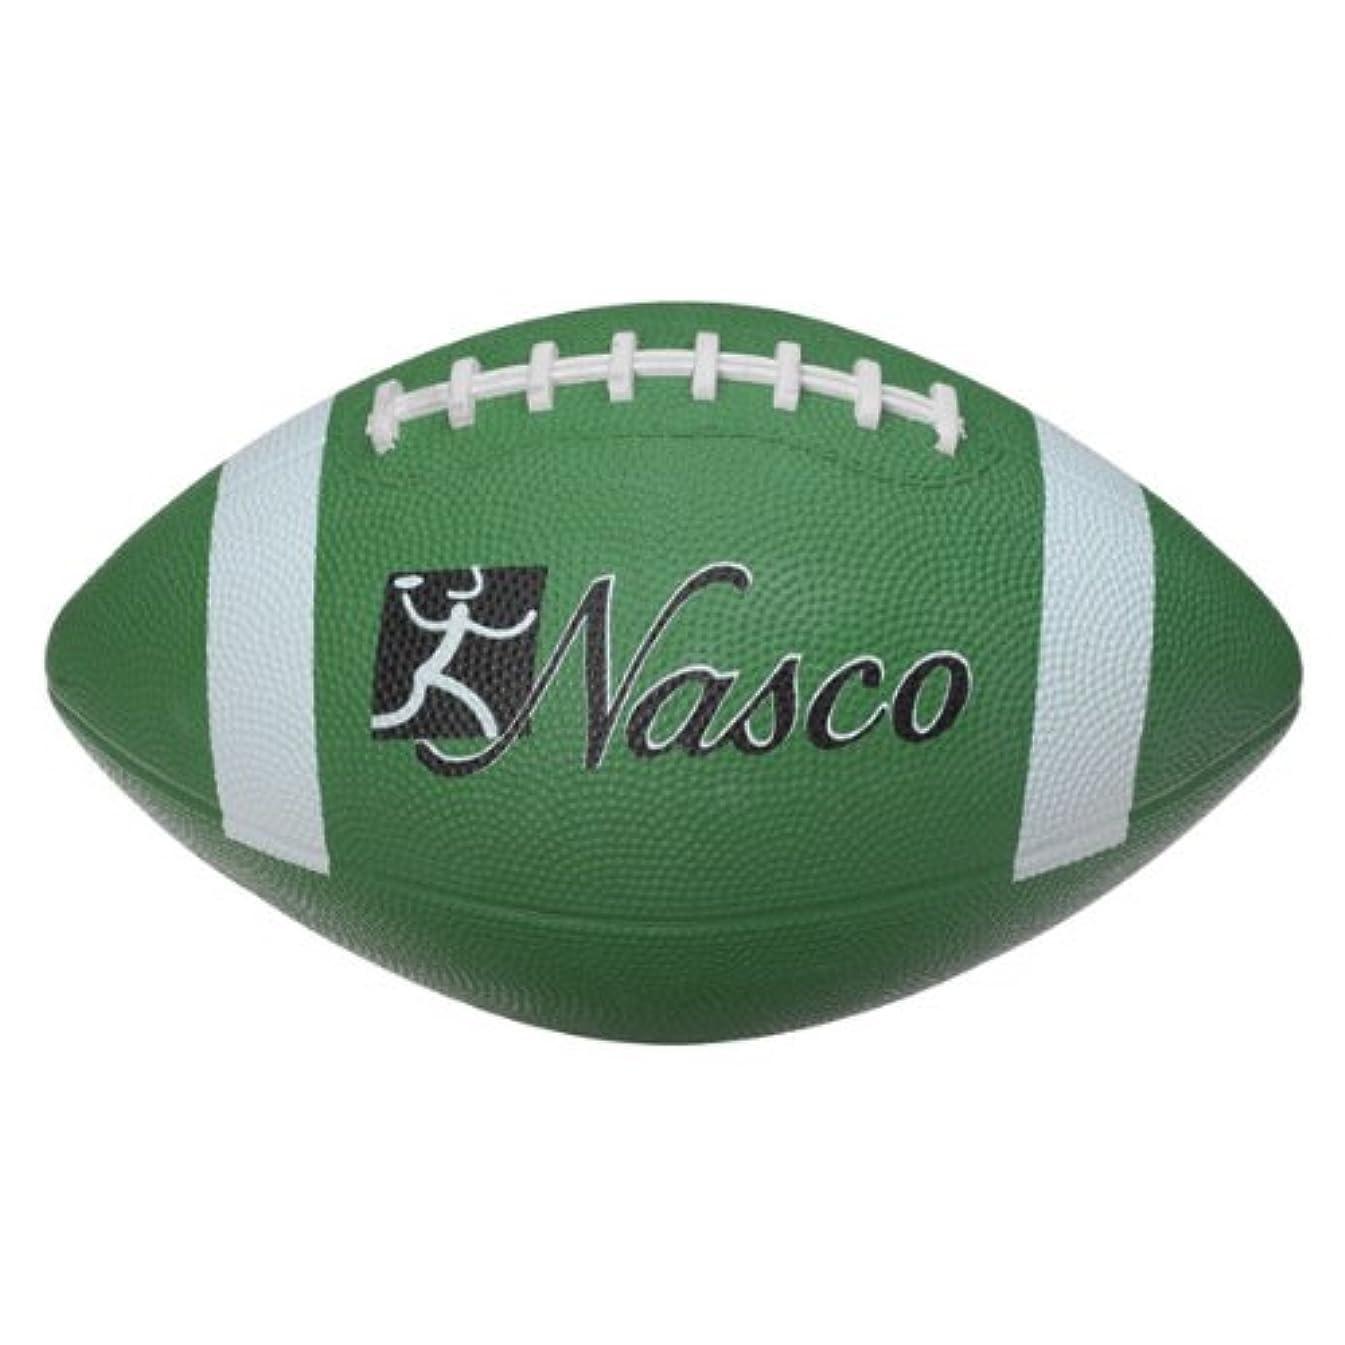 Nasco PE02692E Junior Size 3 Football, Green